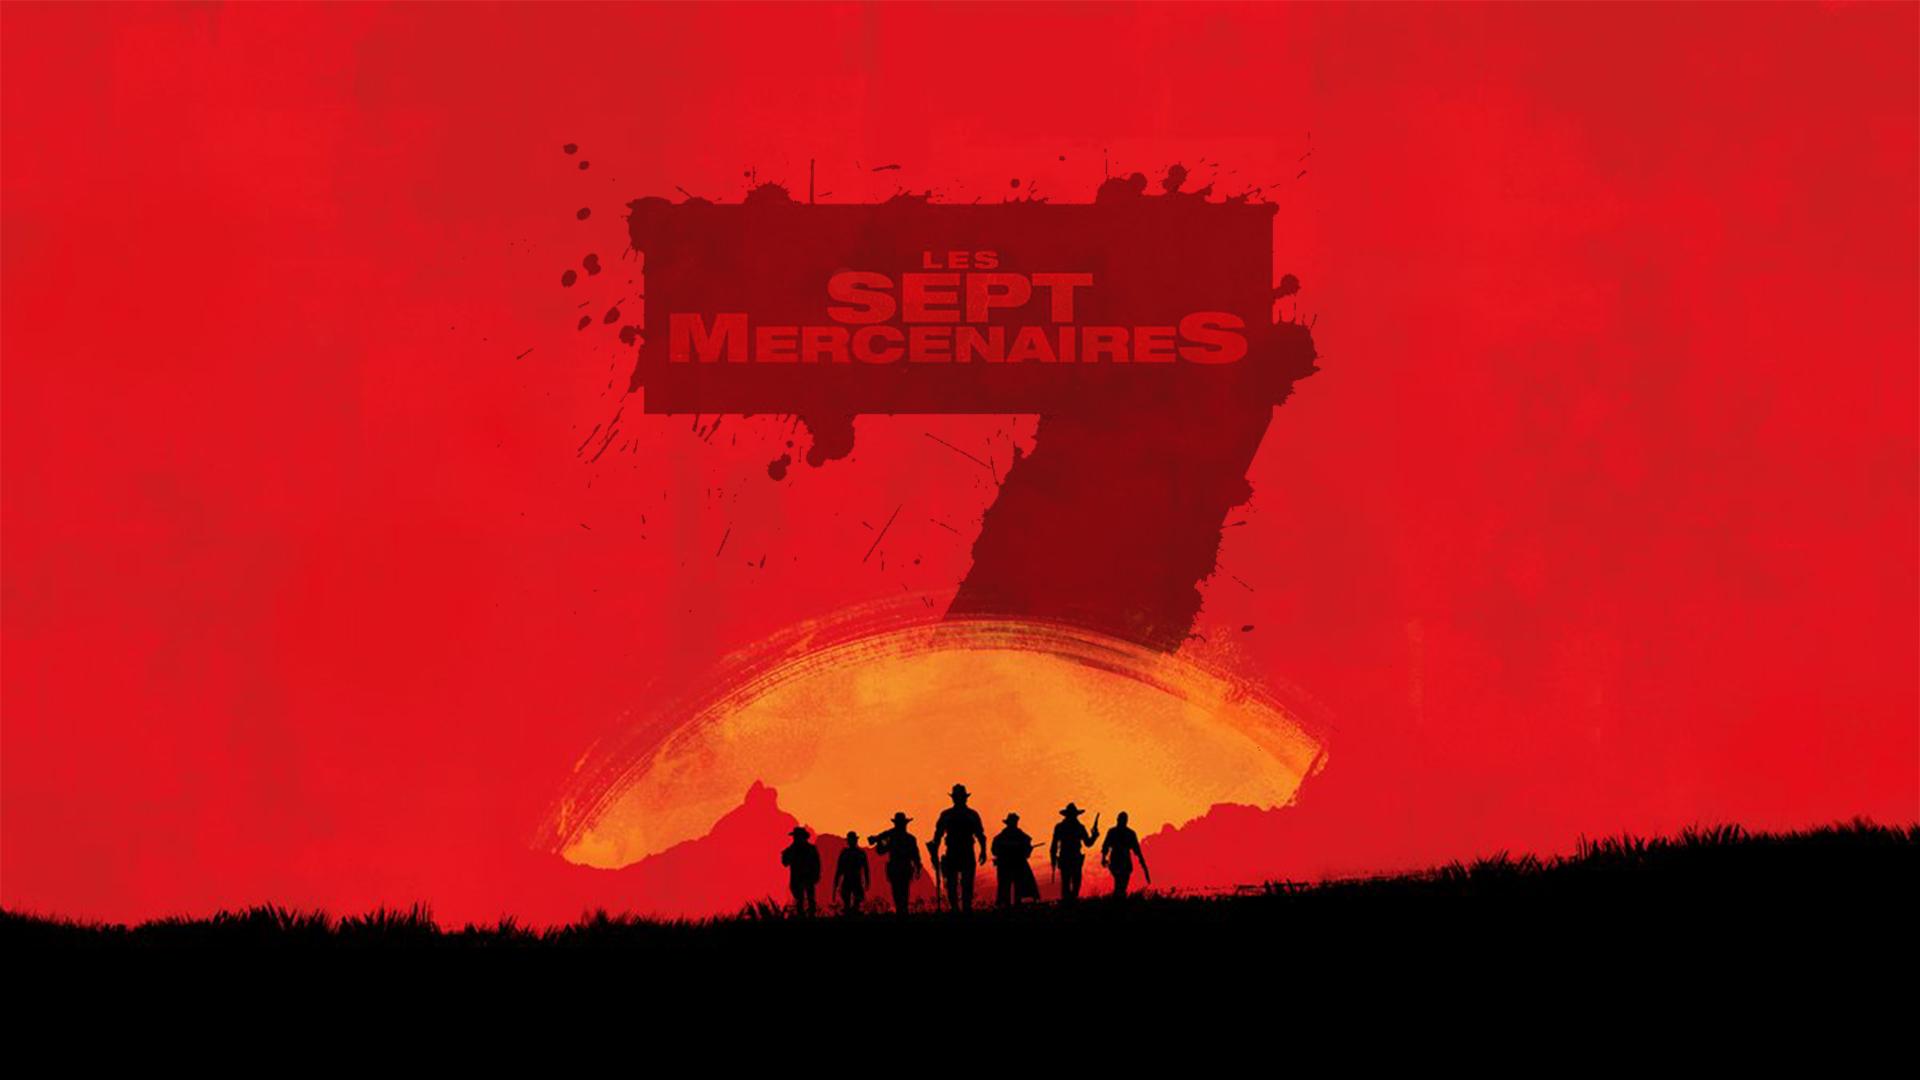 Red Dead Redemption 2 - Les 7 Mercenaires